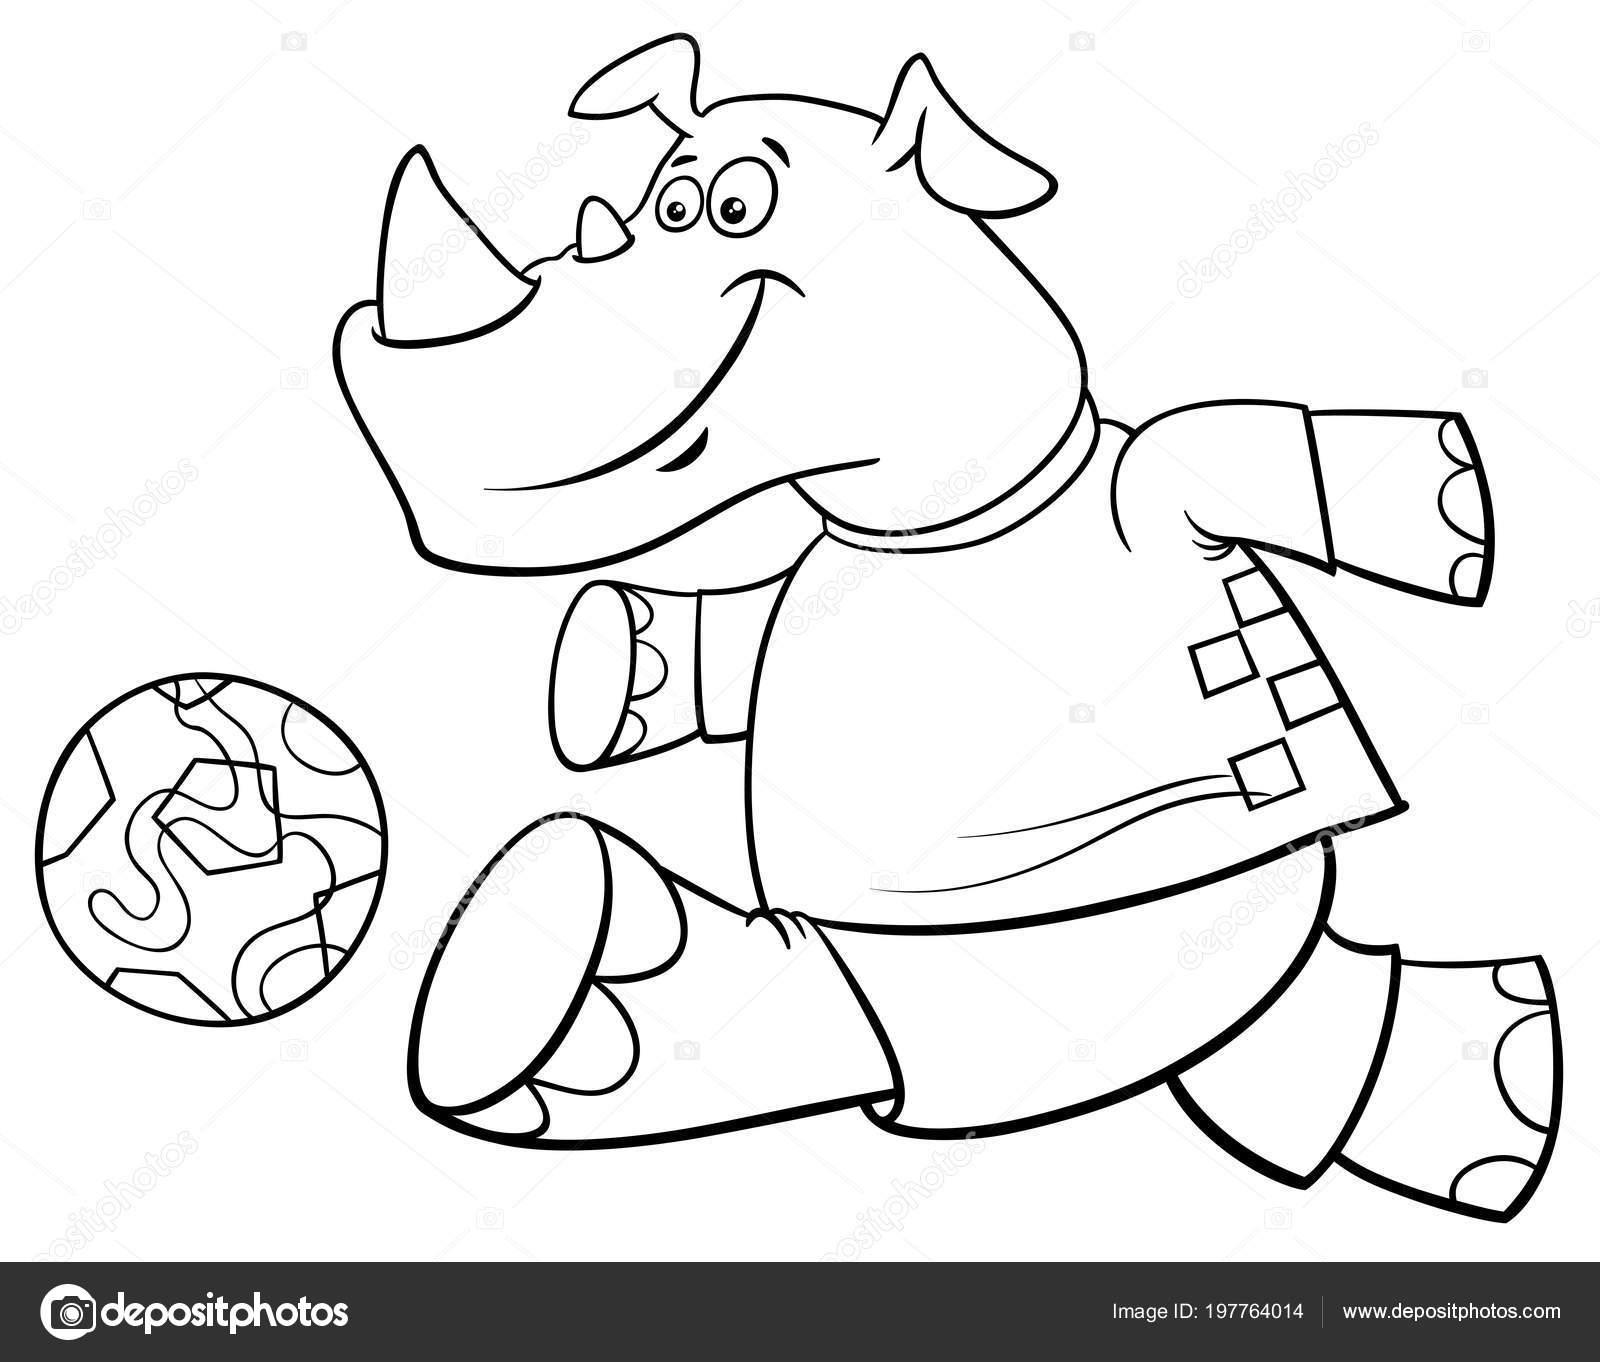 Schwarz Weiss Cartoon Illustrationen Von Rhino Fussball Oder